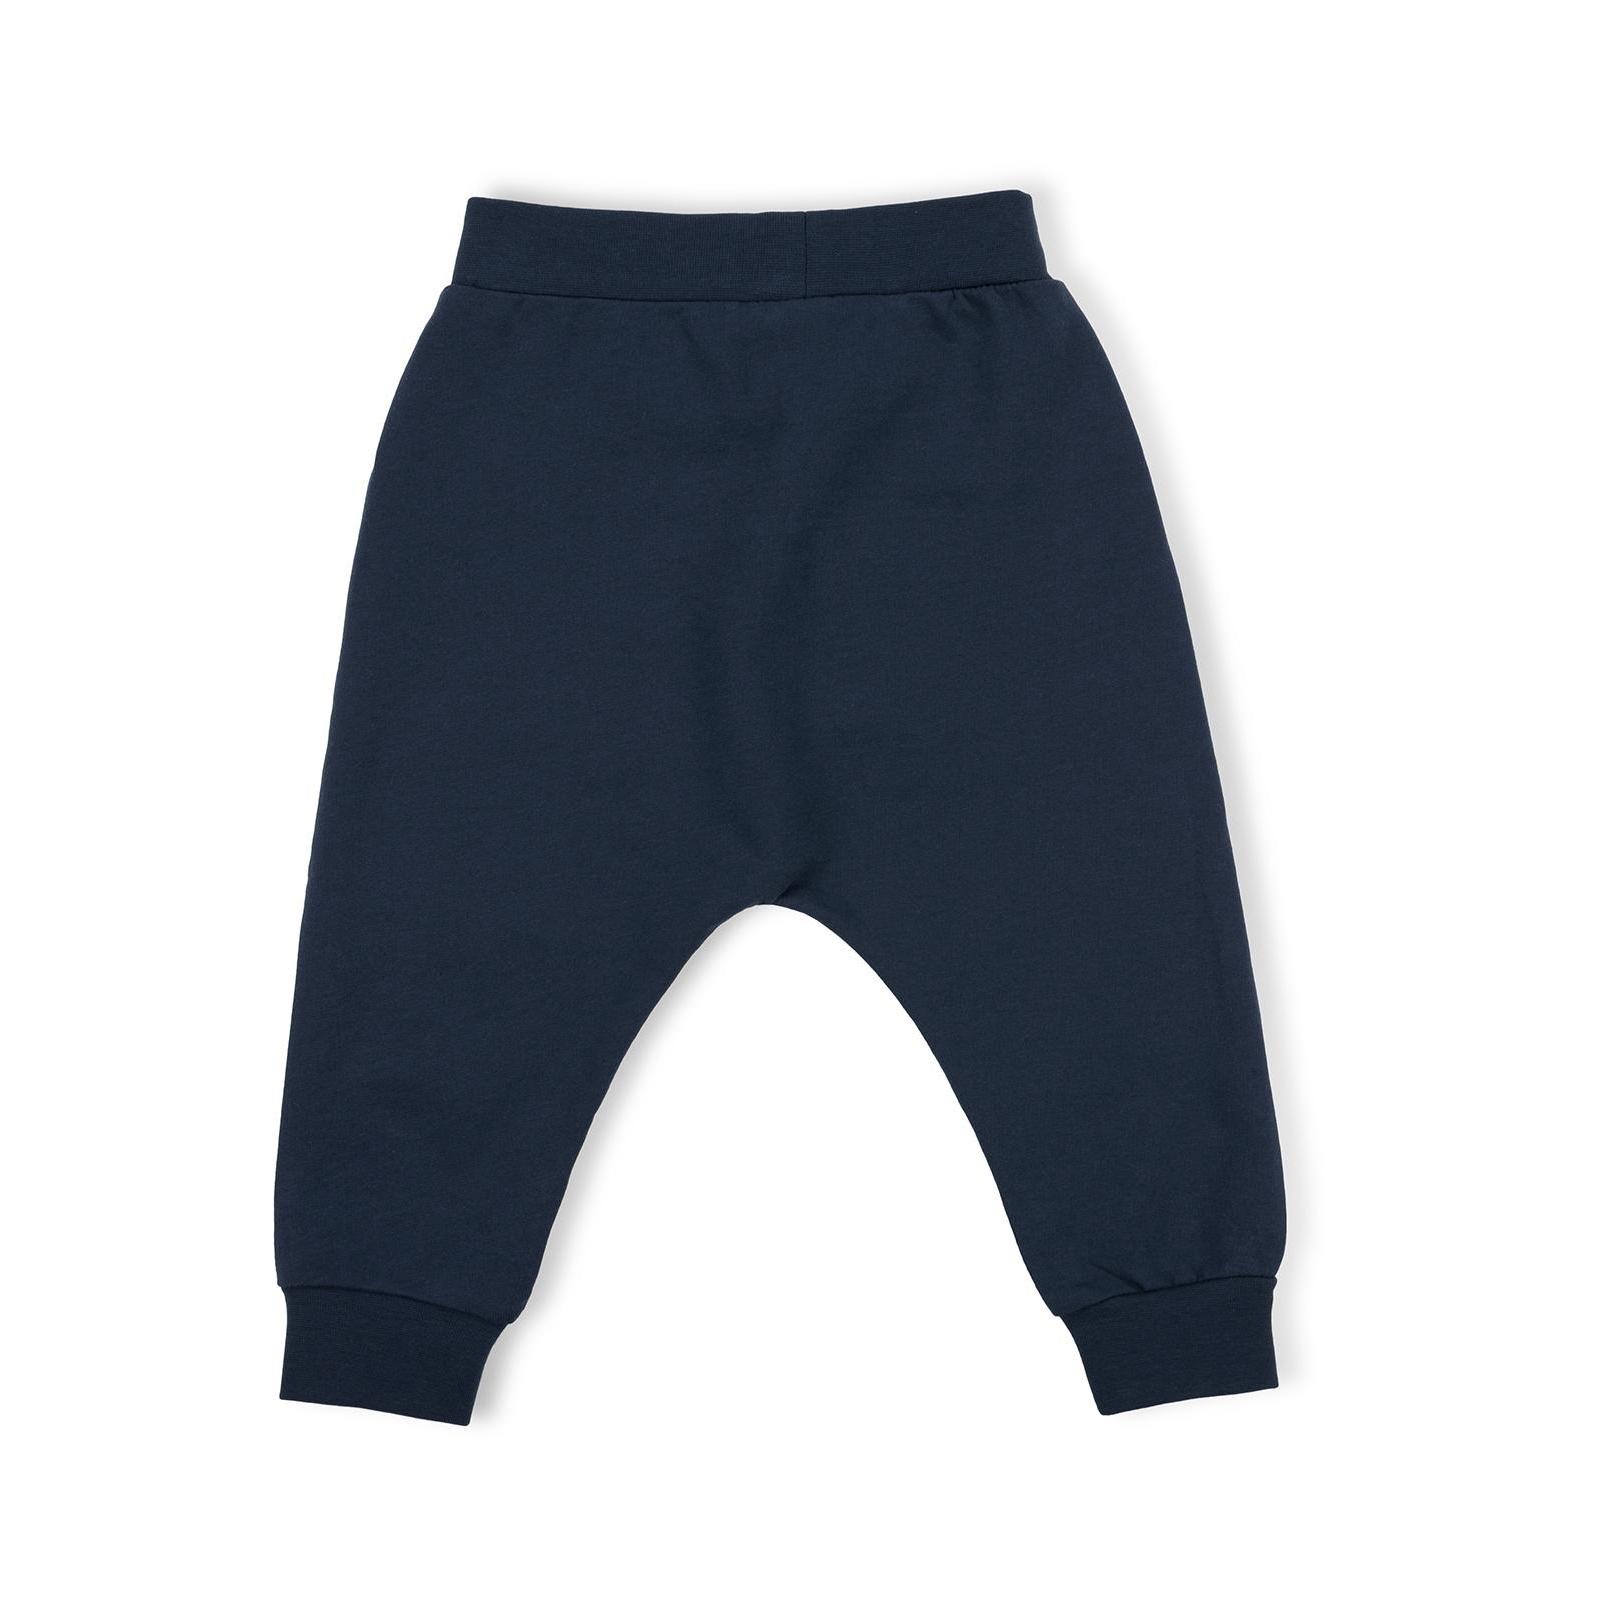 Набор детской одежды Breeze с карманчиками (10234-98G-blue) изображение 6